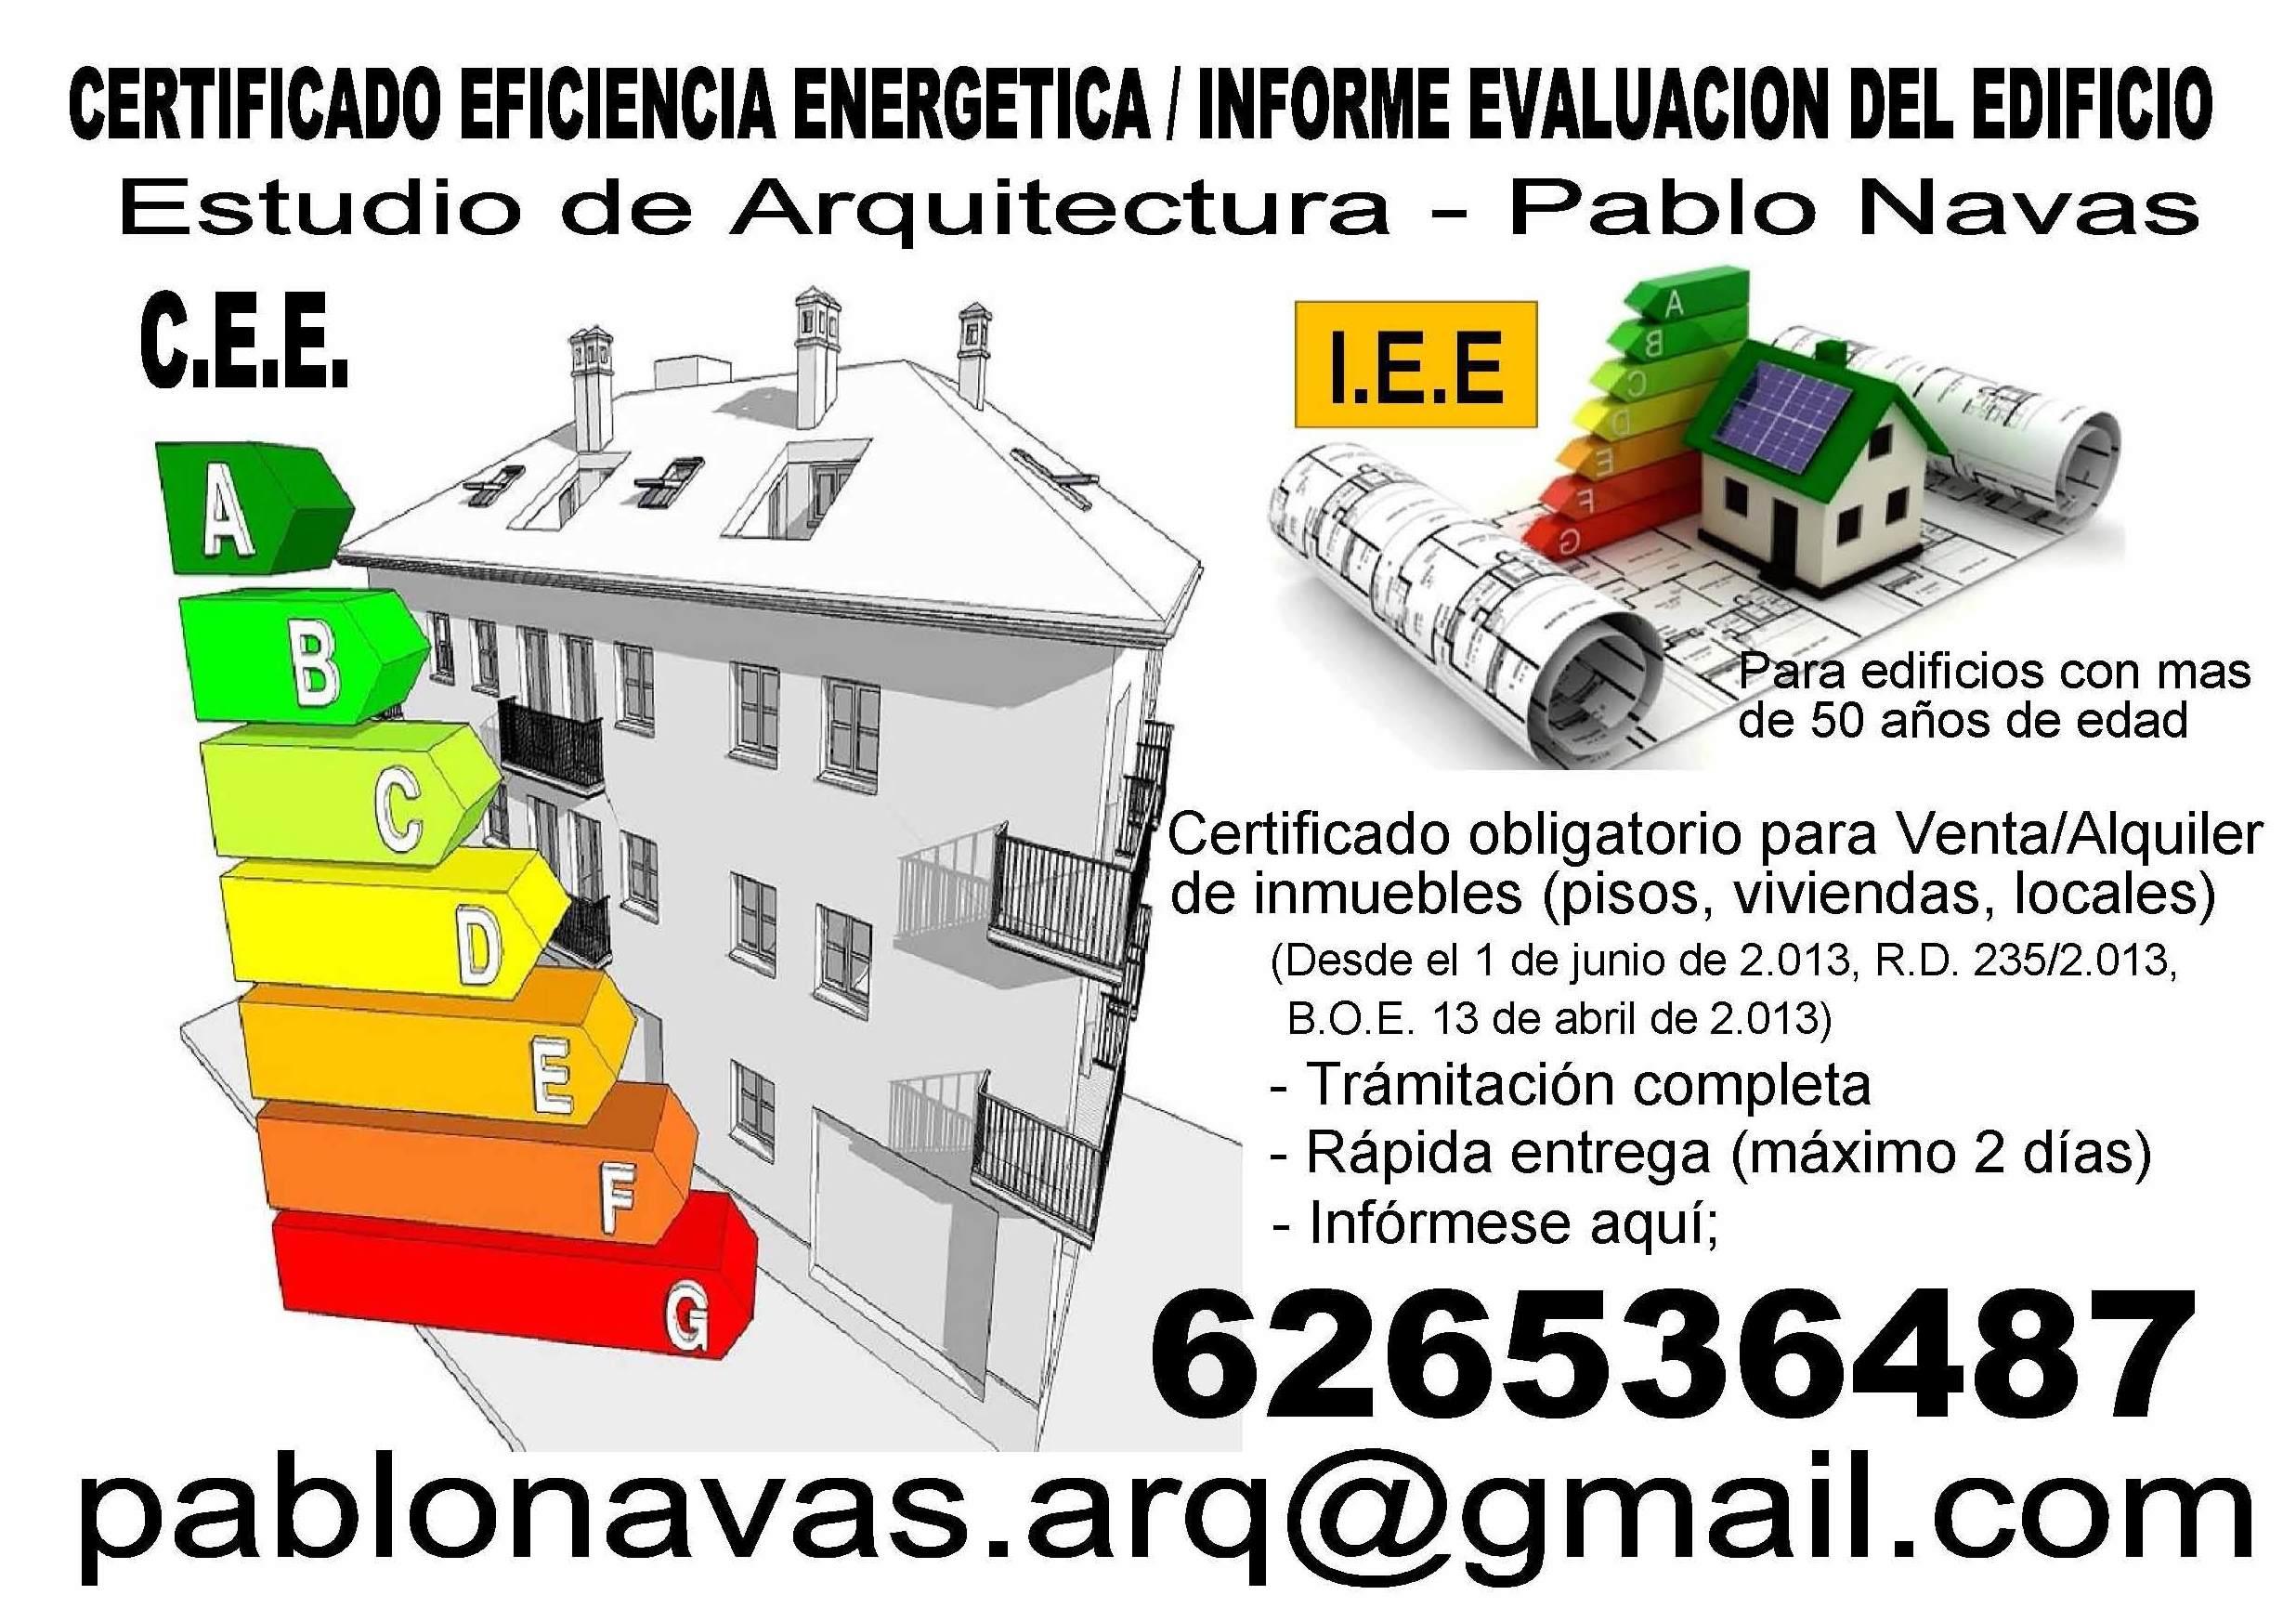 EFICIENCIA ENERGETICA EN GRANADA - INFORME EVEALUACION DEL EDIFICIO